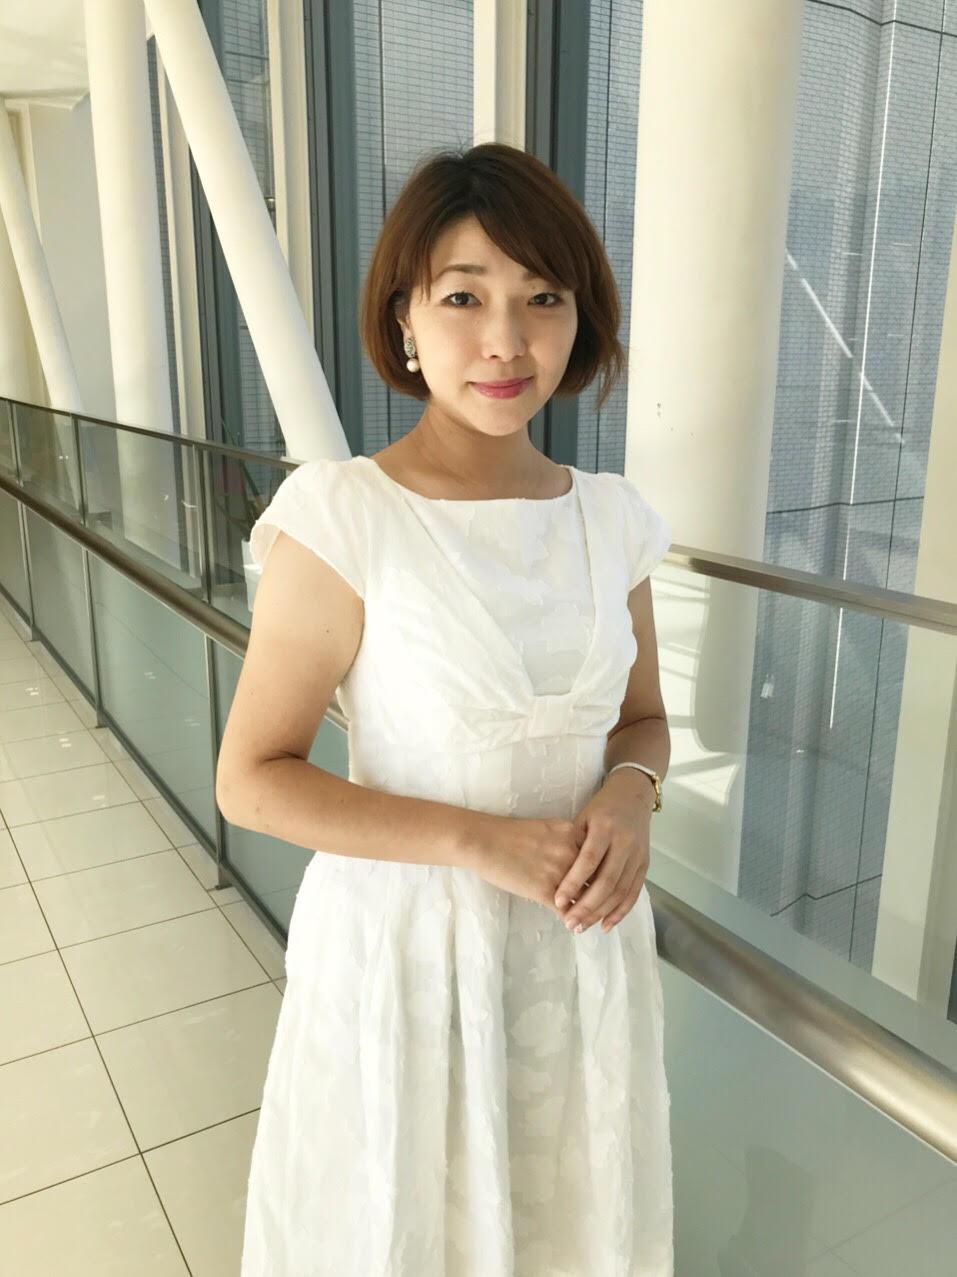 ビジネスアシスタント 吉見知穂  東京女子大学在学中に経験したサポート業務に充足感を得て、それ以来政治家秘書や東証一部企業の営業など、サポートやオペレーションに特化した業務で経験を積む。